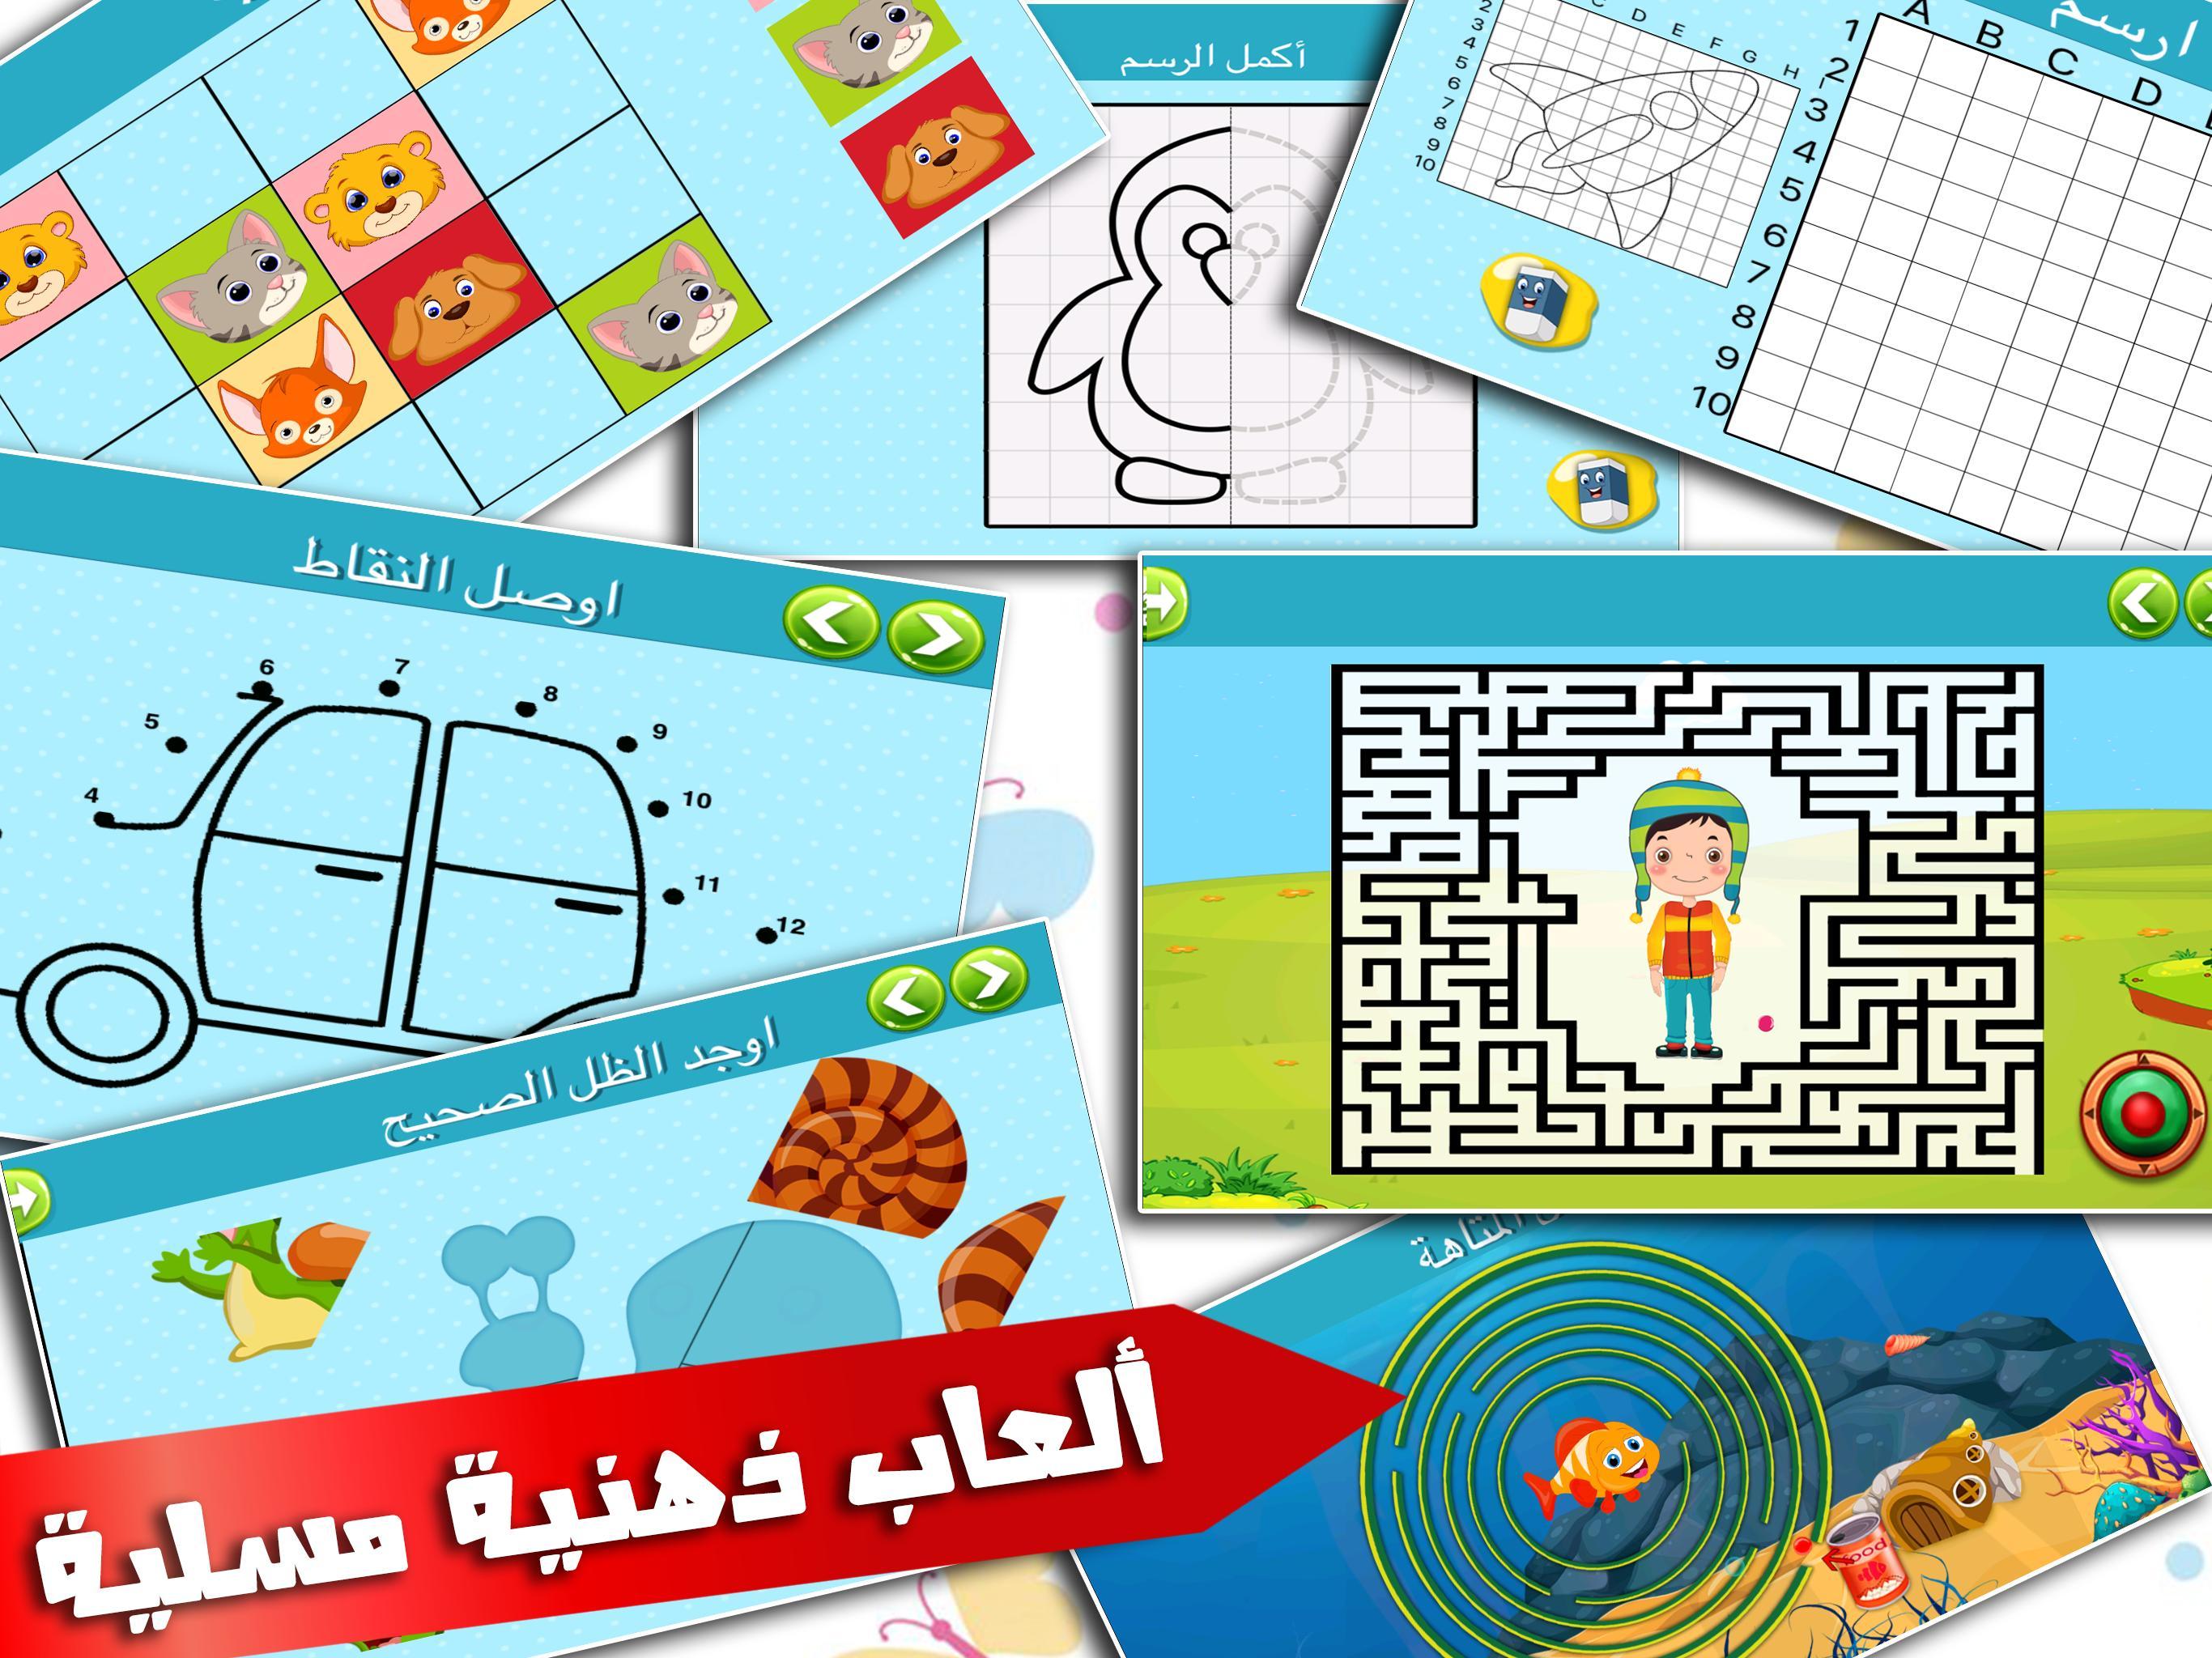 العاب ذكاء اطفال و بنات تعليمية التعليم و الذكاء 1.0.1 Screenshot 14